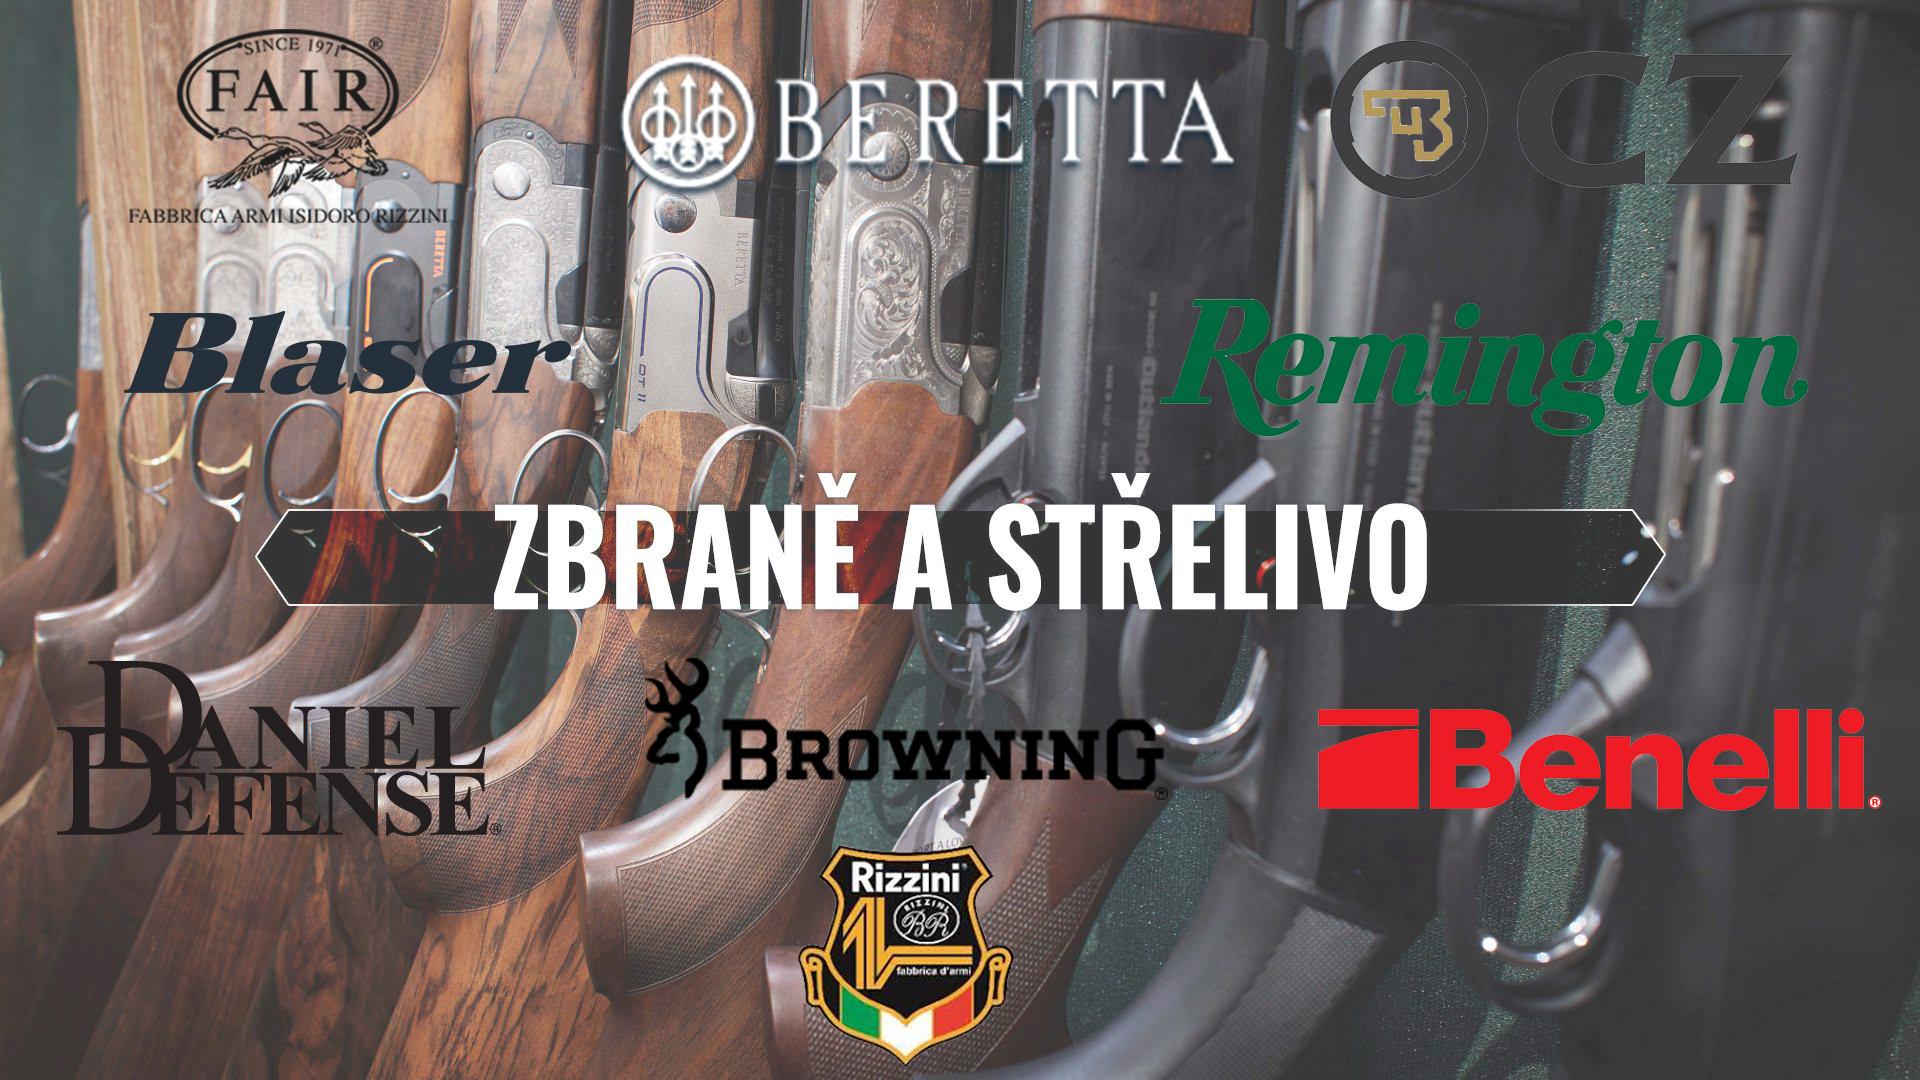 Zbraně a střelivo